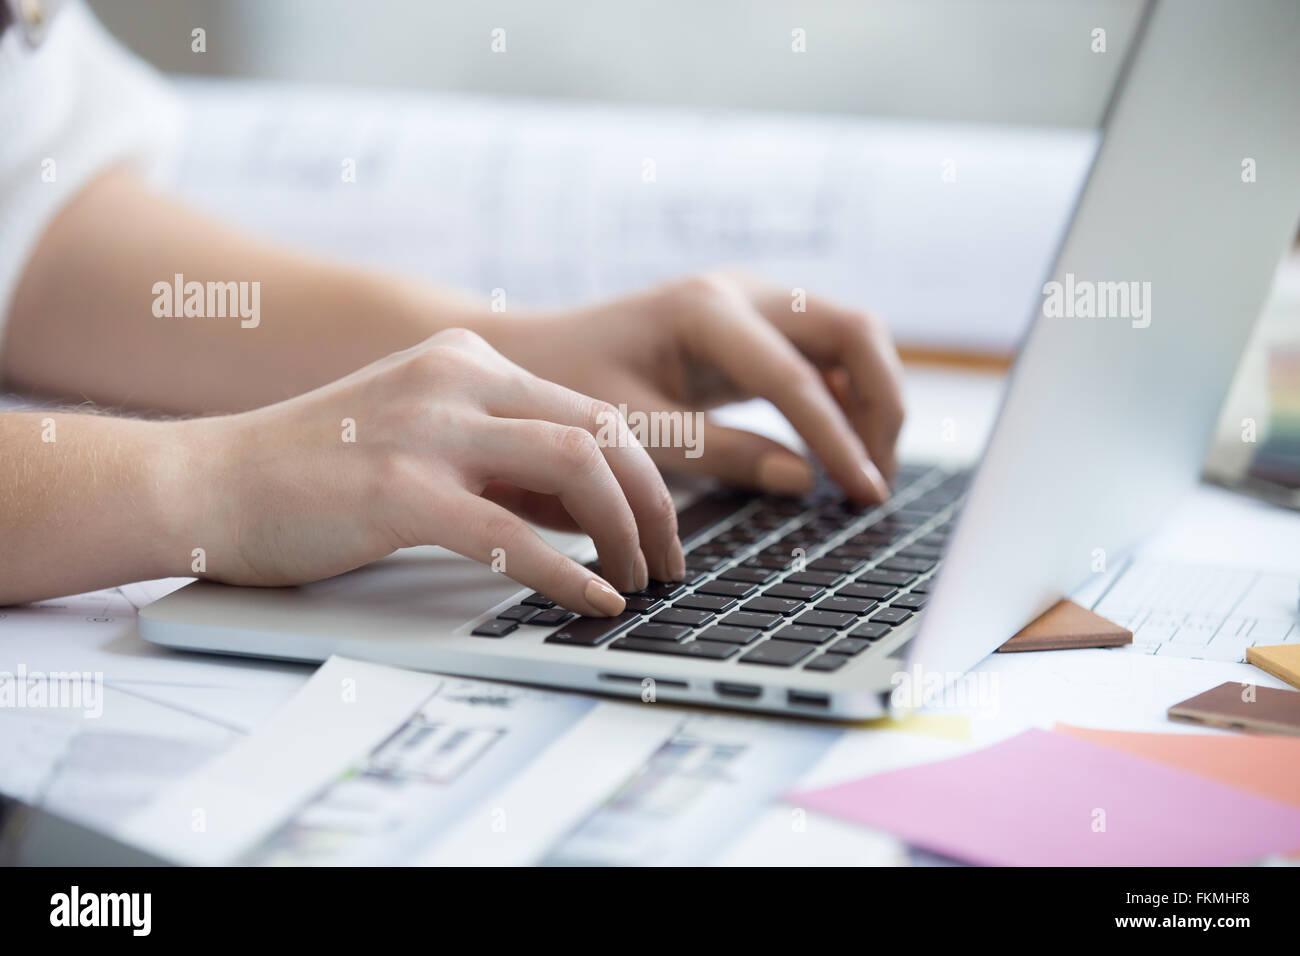 Arme von schönen jungen Designer Frau Tippen auf Laptop Schreibtisch zu Hause sitzen bedeckt in Zeichnungen Stockbild